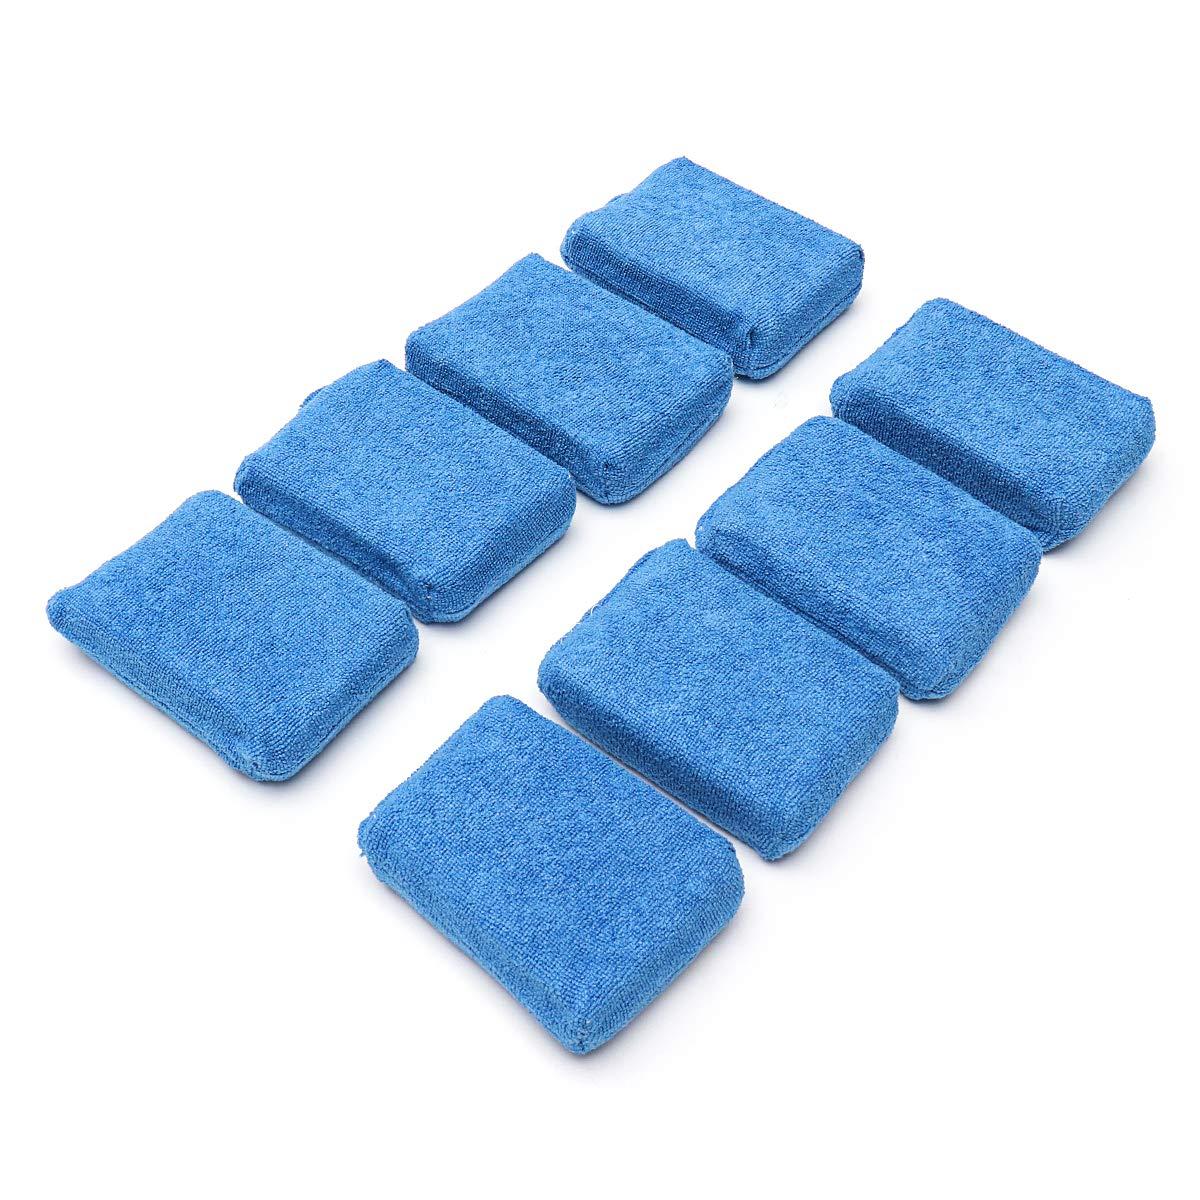 AAlamor 8Pcs Bleu Microfibre Applicateur Nettoyage /Éponge Tampons pour Lavage De Voiture Cire Polissage Nettoyage